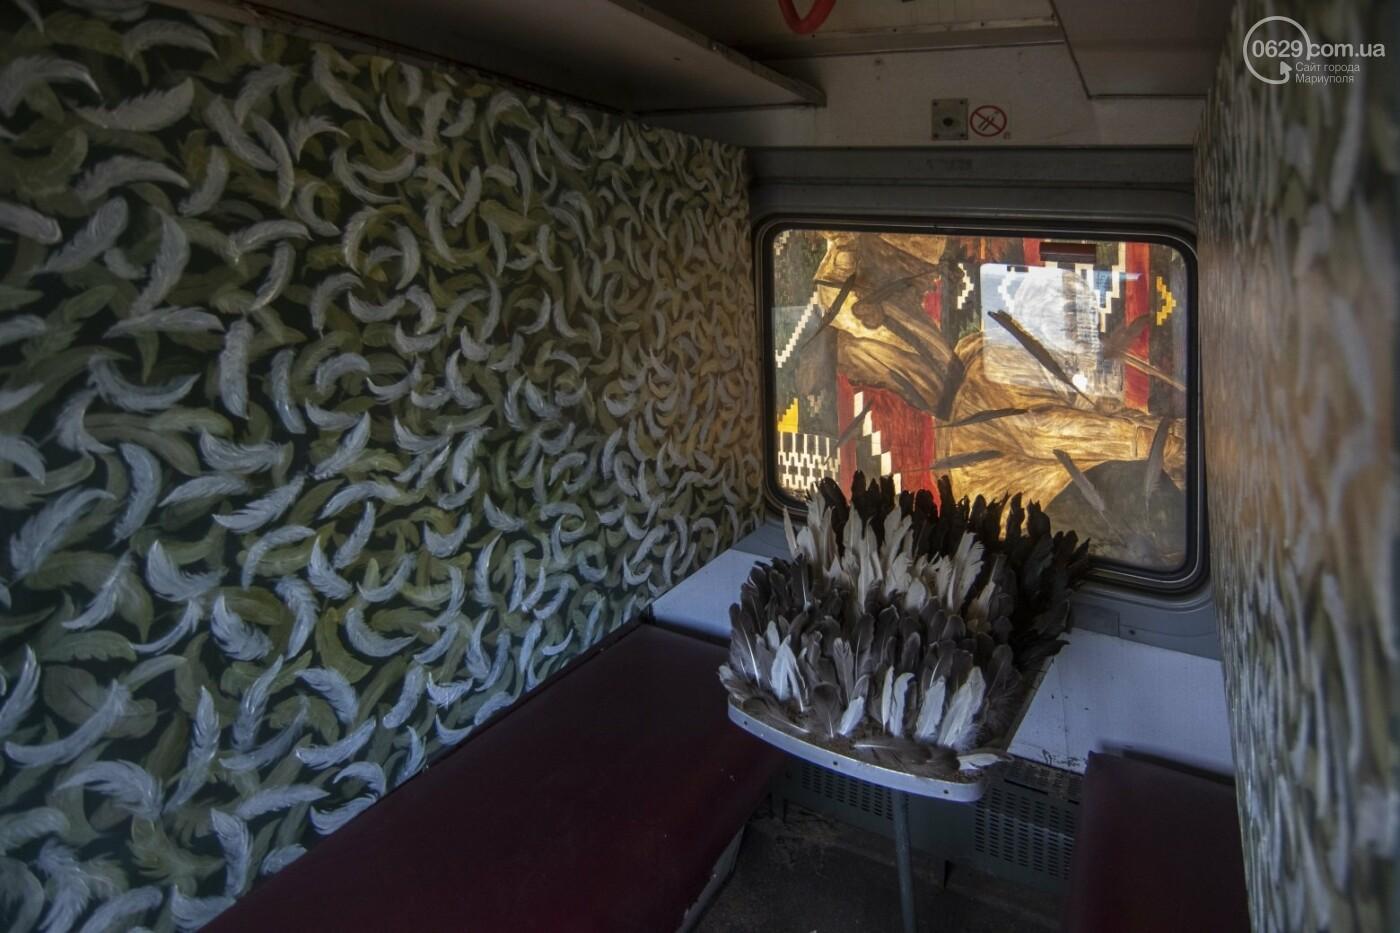 Во что превратили художники старый железнодорожный состав в Мариуполе. 33 фотографии! , фото-13